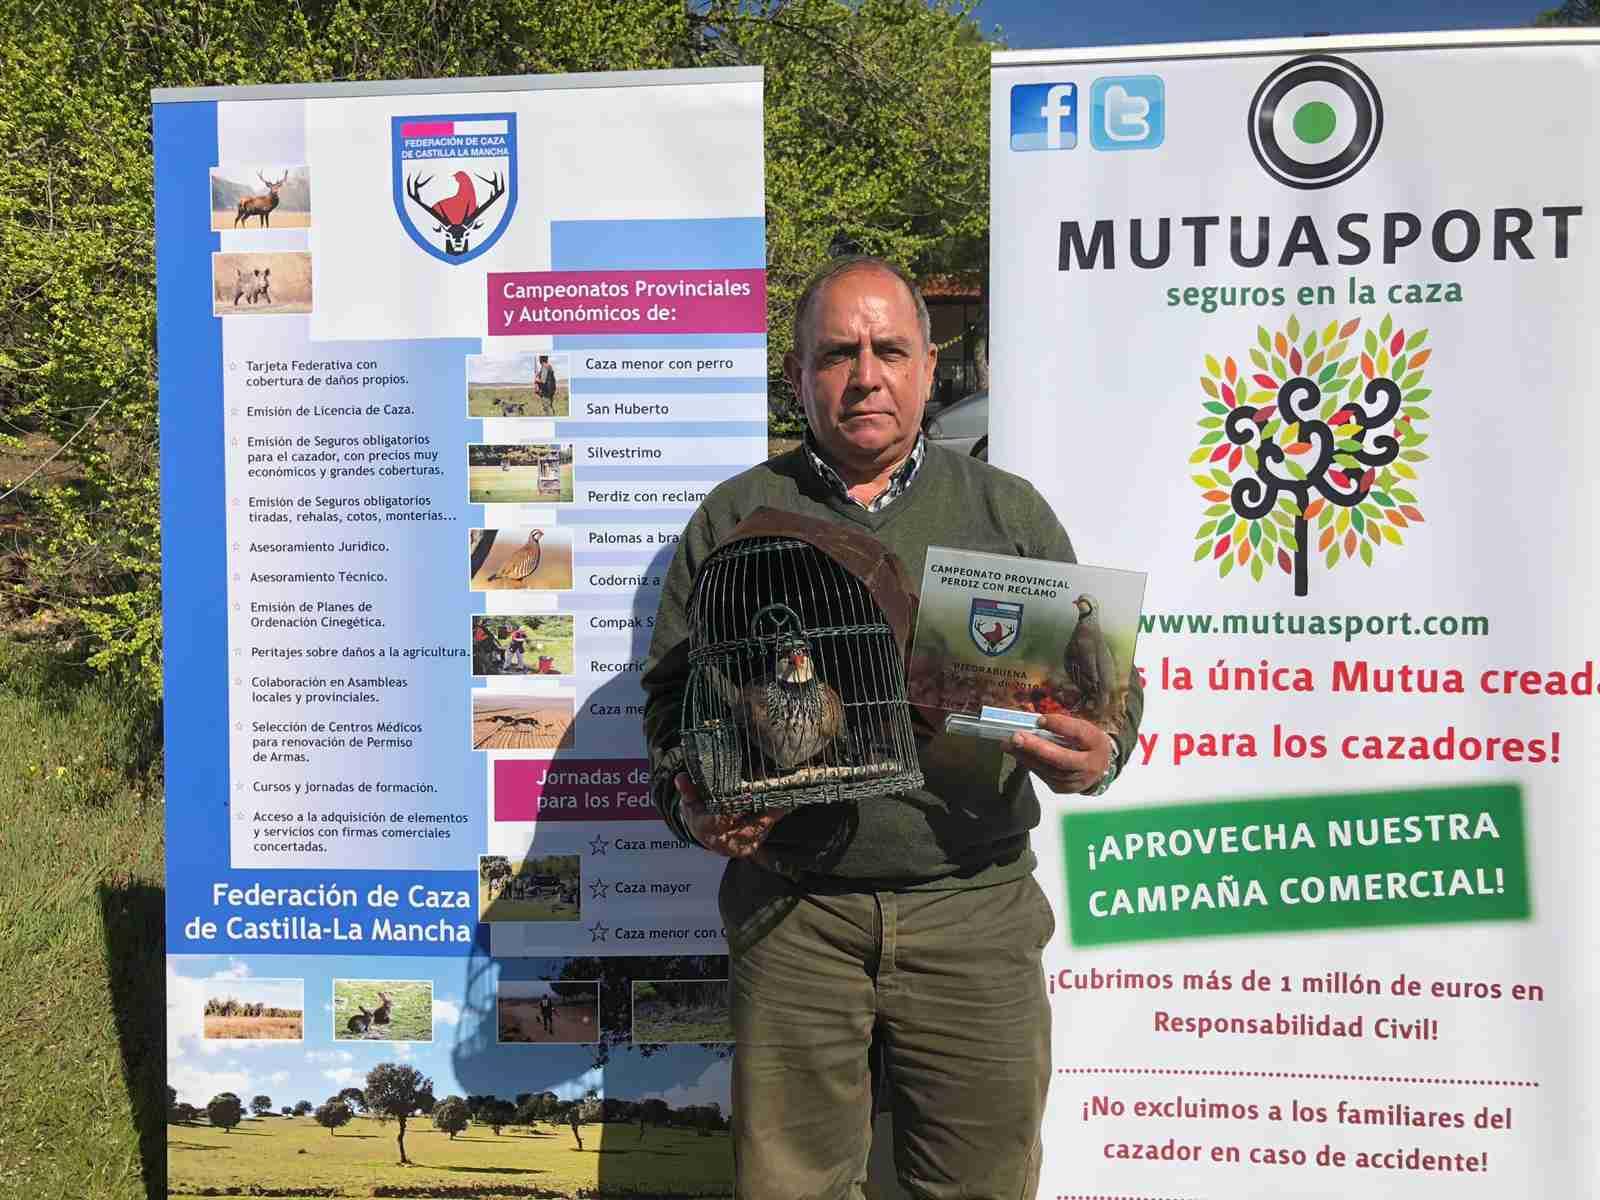 Julián Acero Castillo, campeón provincial de perdiz con reclamo 2